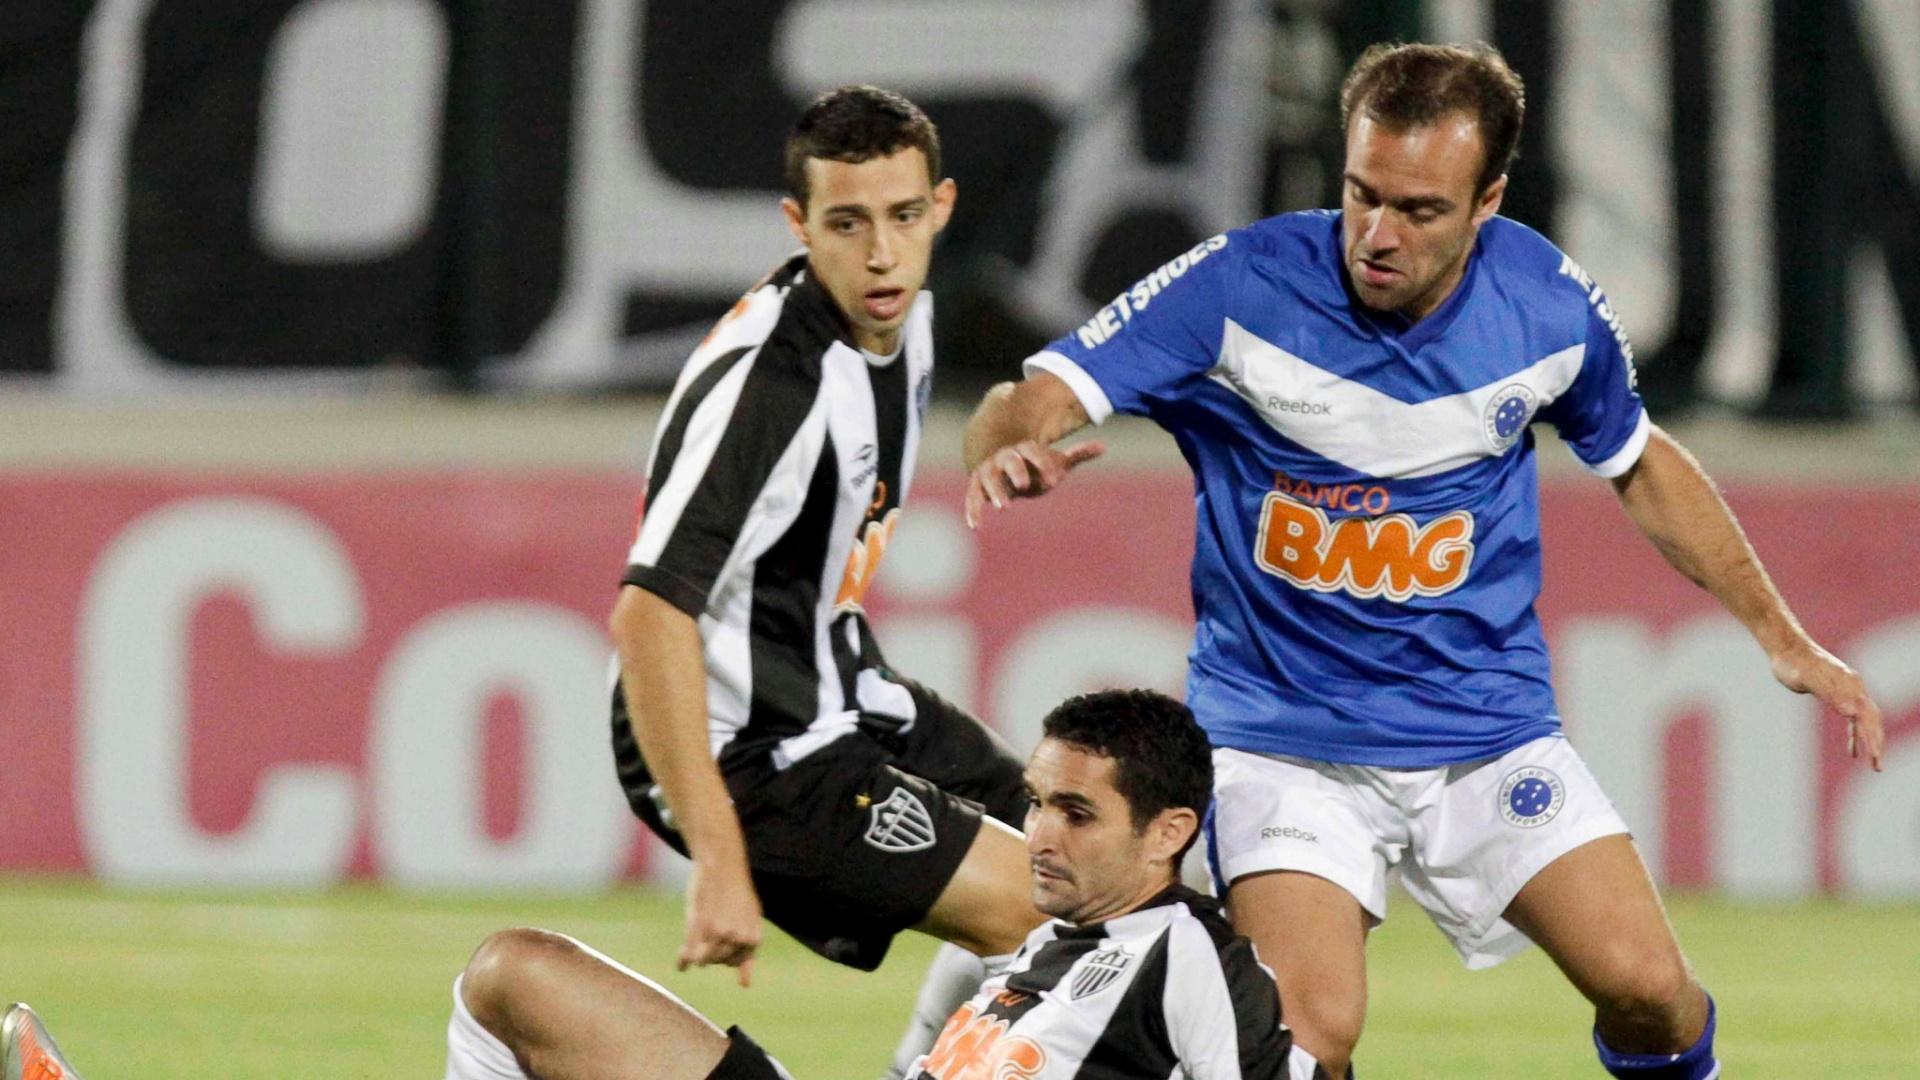 Roger (d), meia do Cruzeiro, tenta sair da marcação dos adversários atleticanos no clássico mineiro